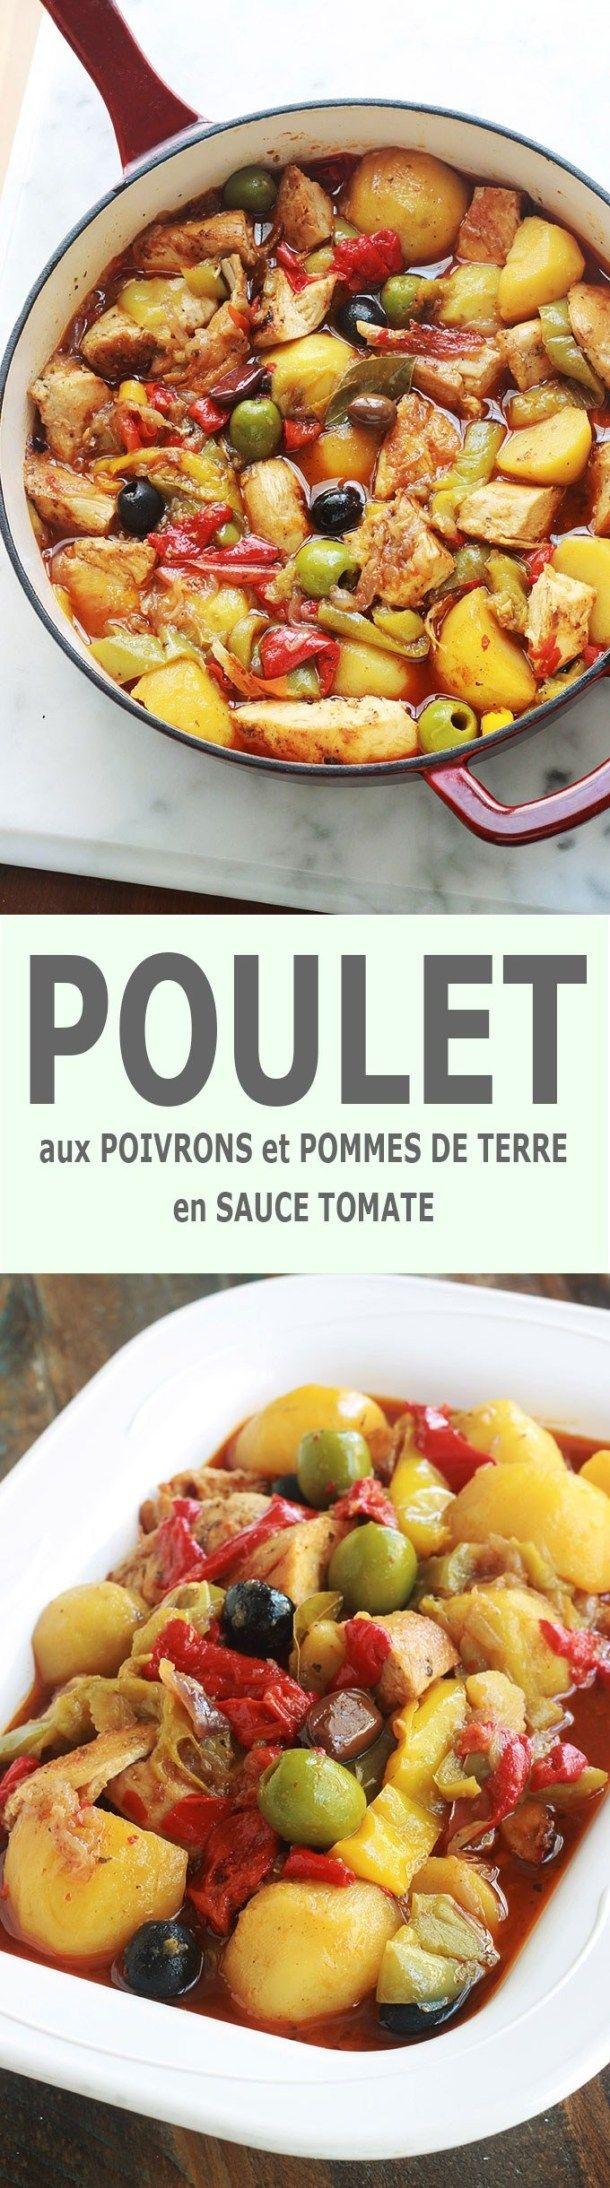 Poulet aux poivrons, pommes de terre et olives en sauce tomate